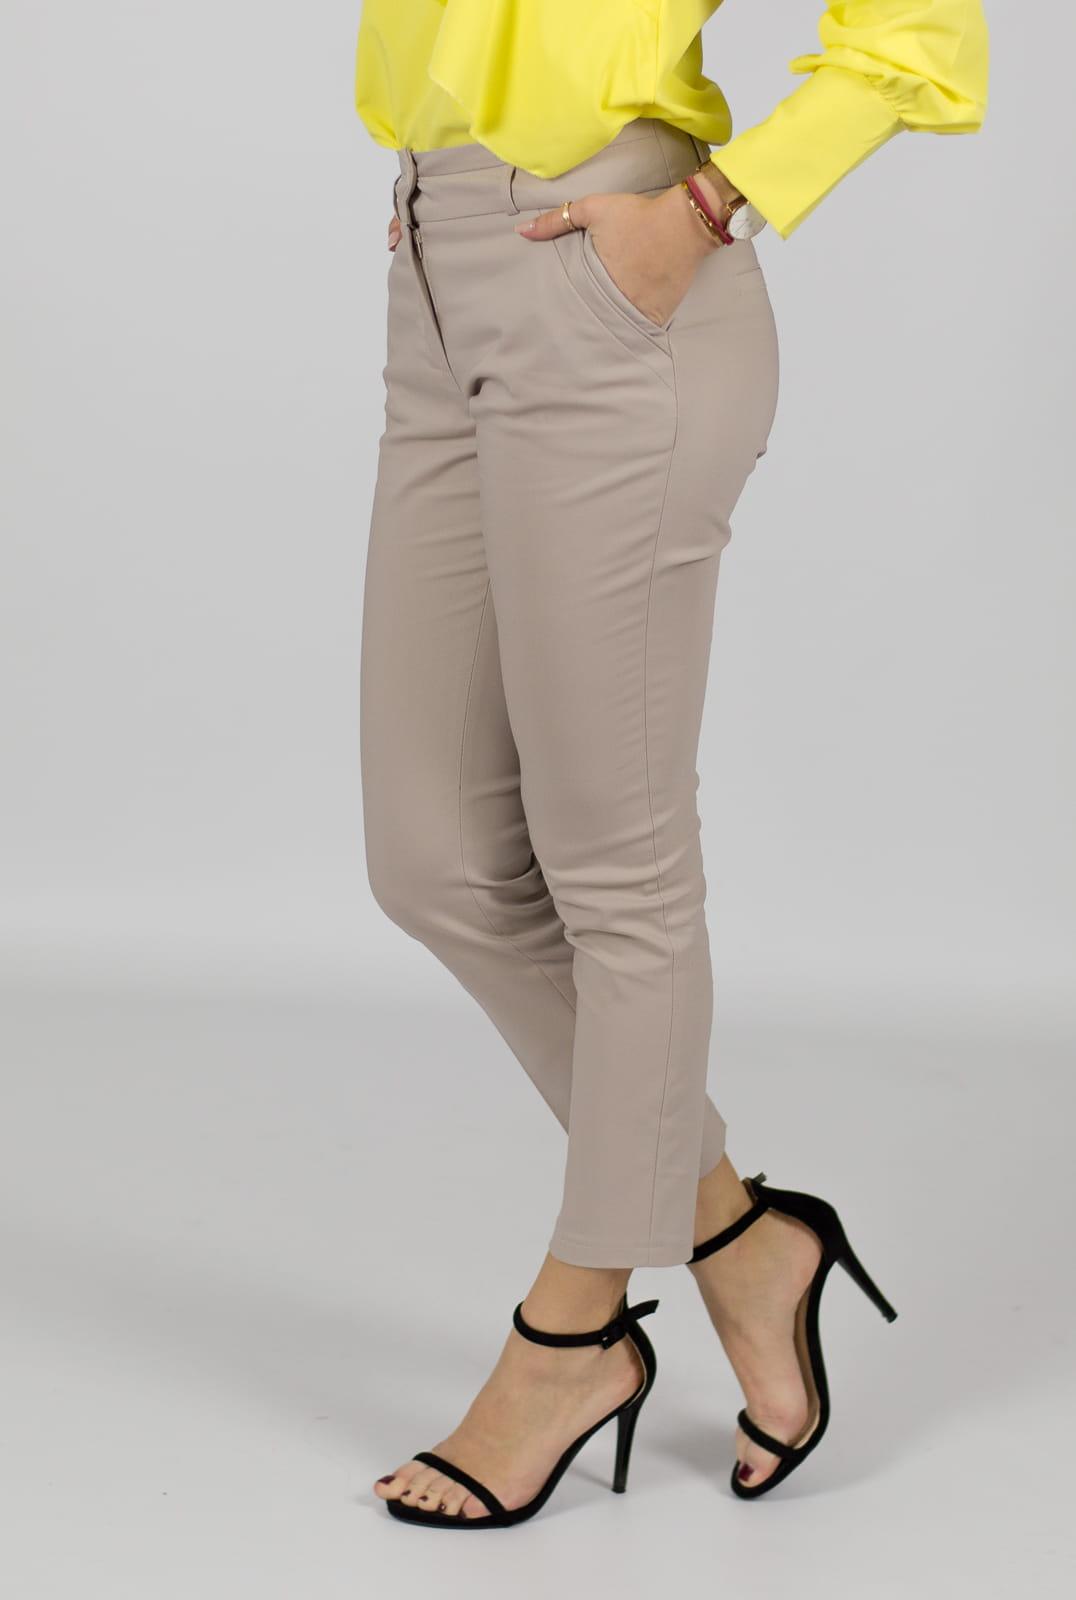 c5672073c777c4 Eleganckie spodnie damskie BB beżowe 7/8 - Isuka. 27952_24660. promocja.  27952_24660 · 27952_24661 · 27952_24662 · 27952_24663 · 27952_24664